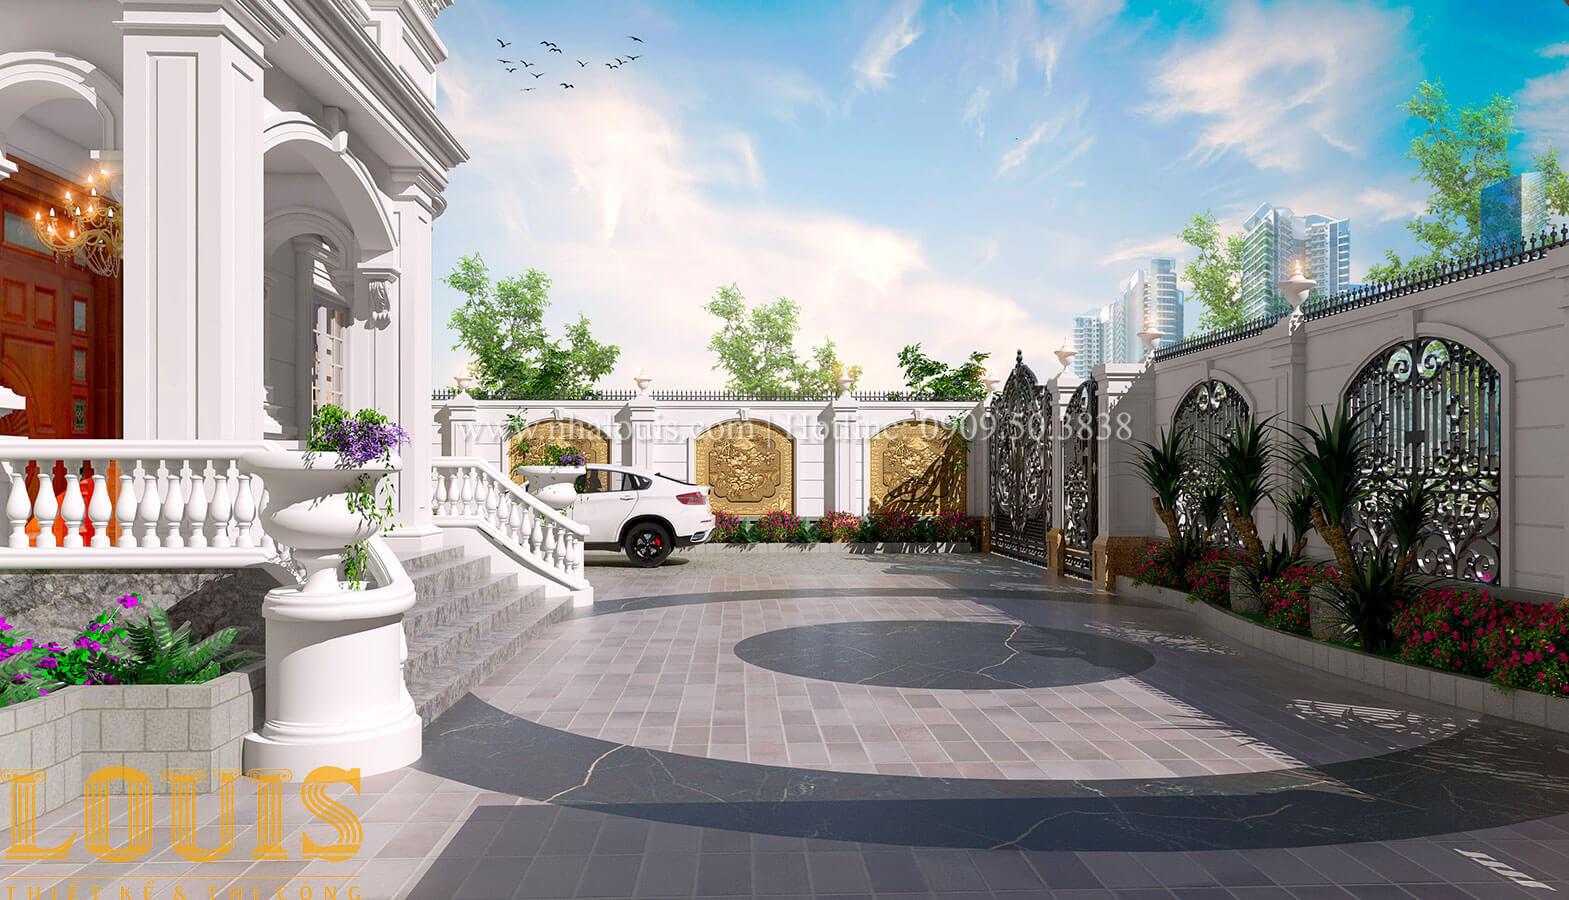 Sân vườn Mẫu nhà biệt thự 3 tầng đẹp thuần khiết tại Bình Dương - 36